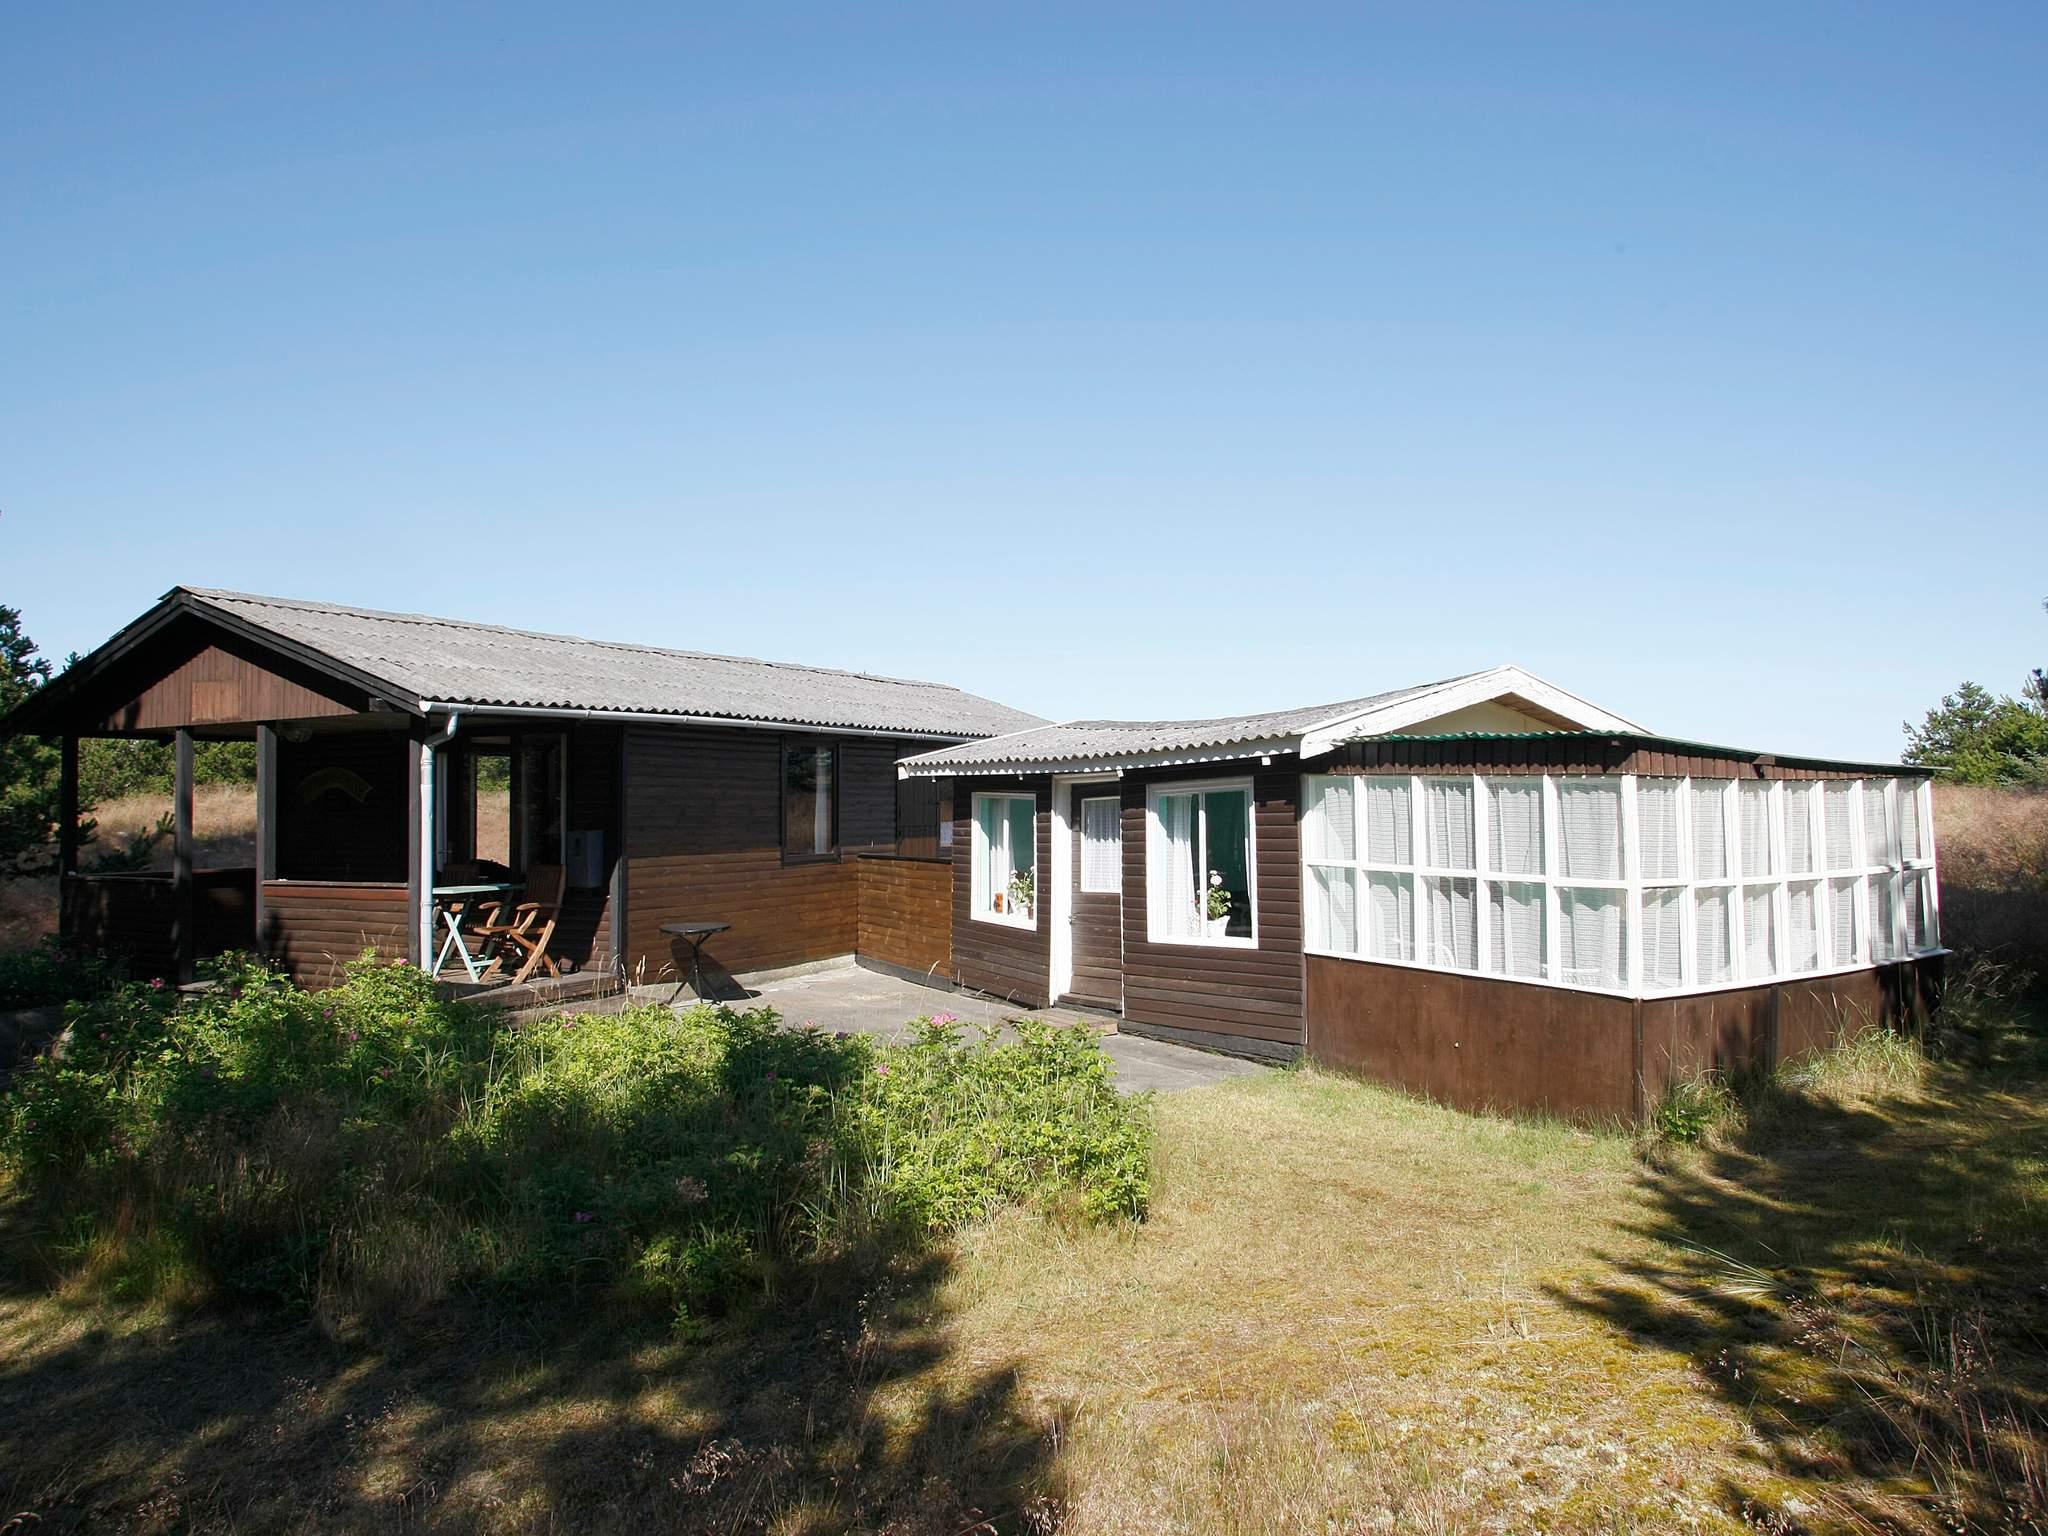 Ferienhaus Ålbæk (88171), Ålbæk, , Nordostjütland, Dänemark, Bild 8